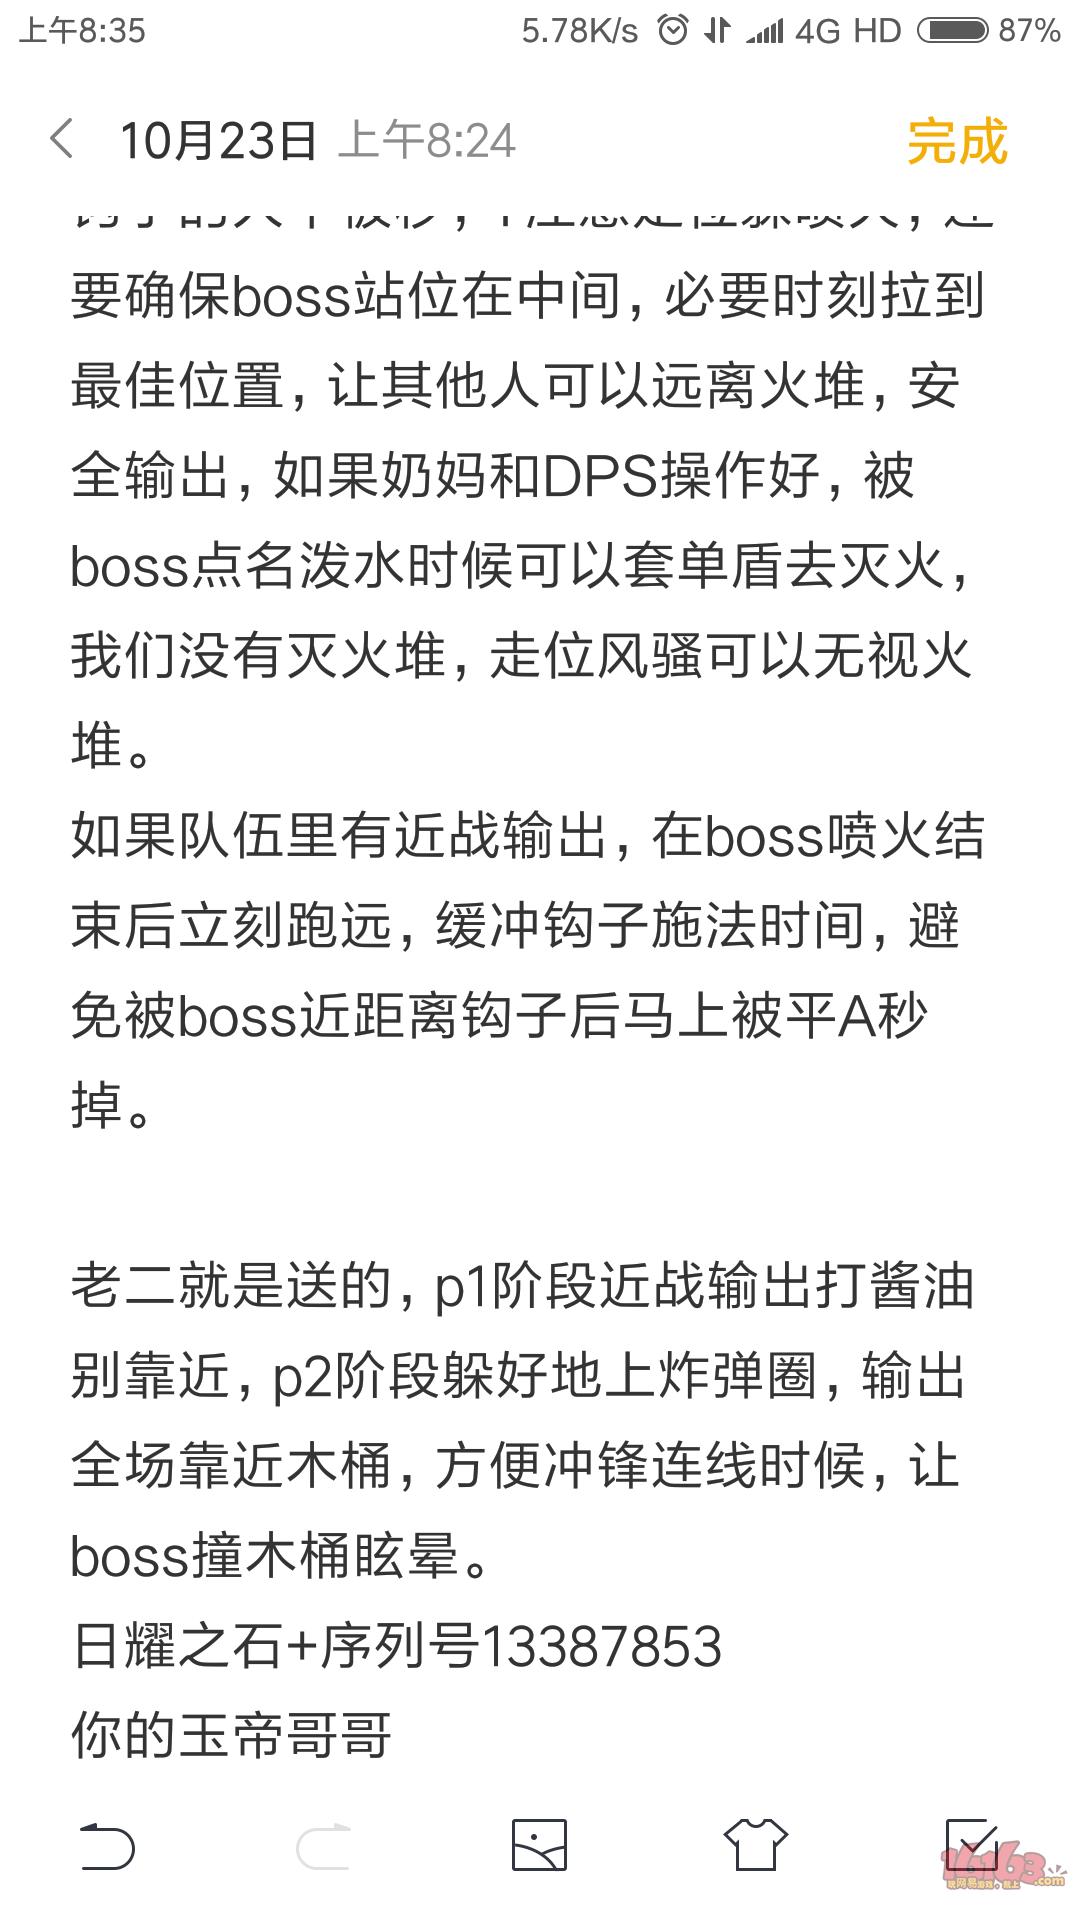 Screenshot_2017-10-23-08-35-16-332_com.miui.notes.png